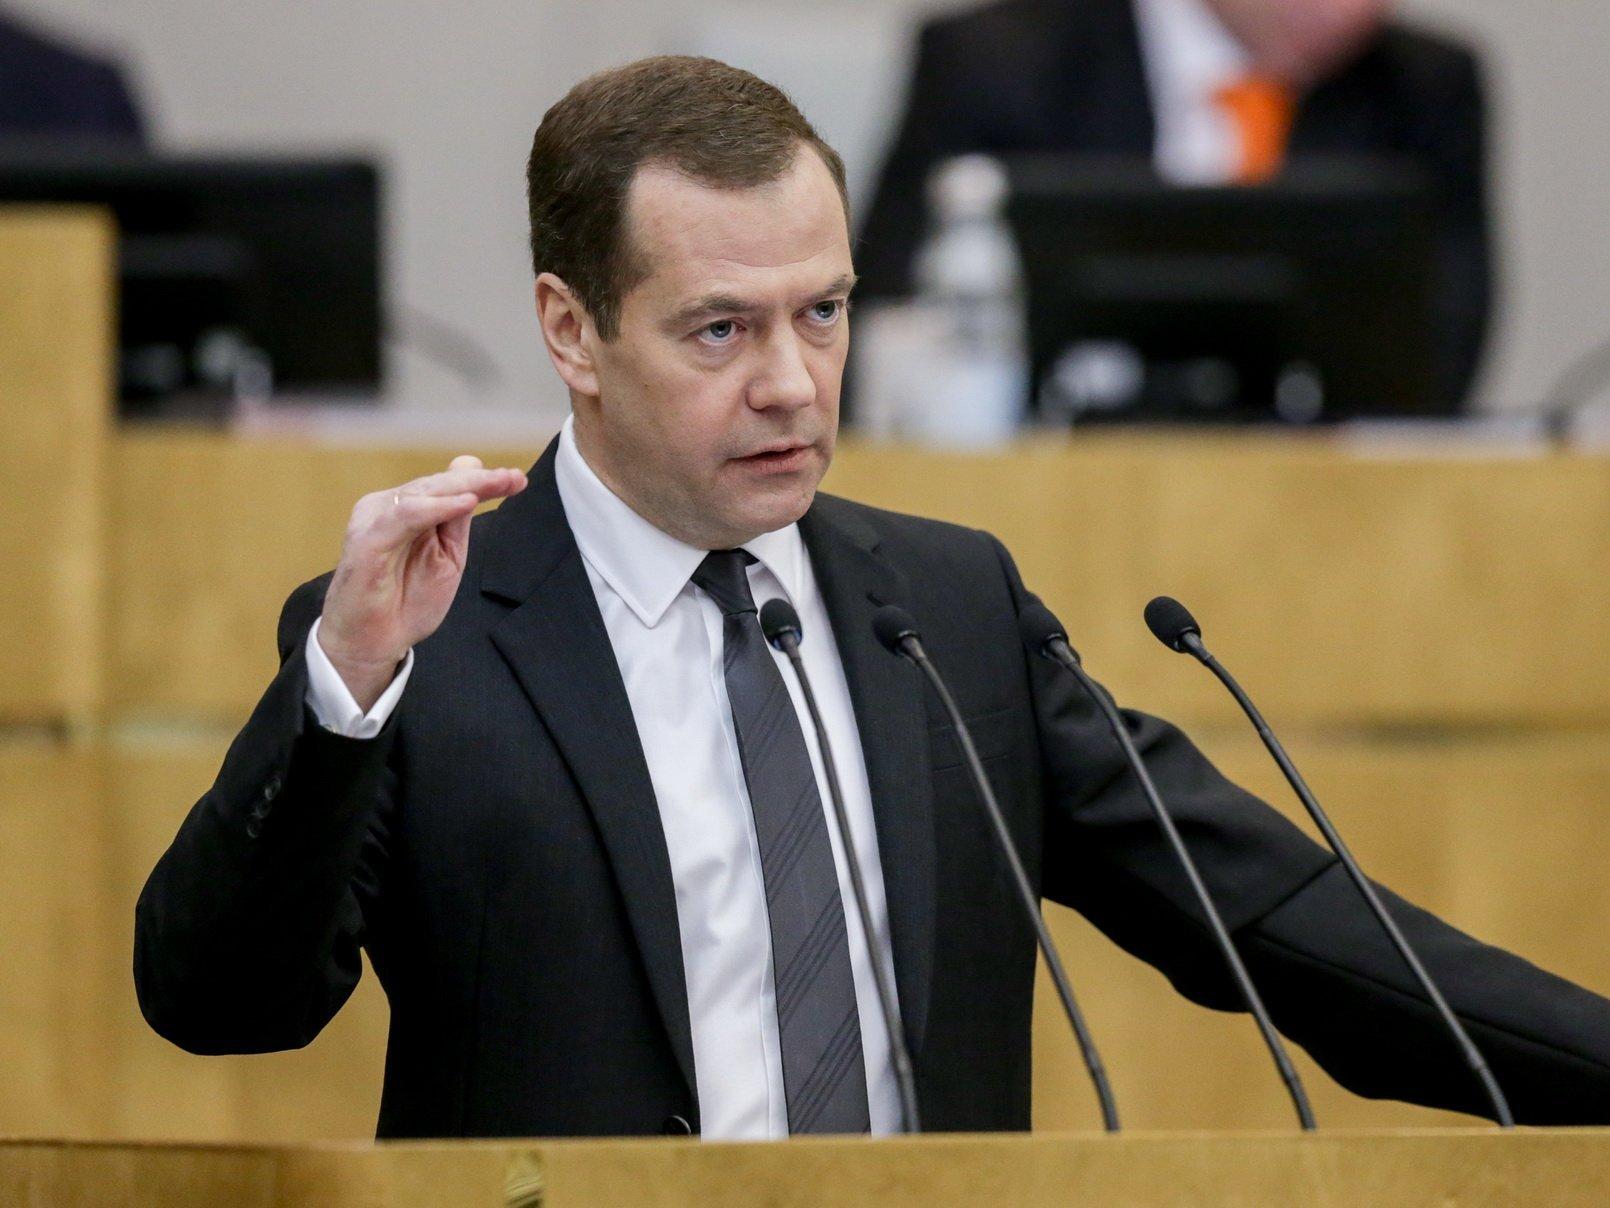 Медведев объявил оразвитии экономики РФ, невзирая насанкции и денежный кризис